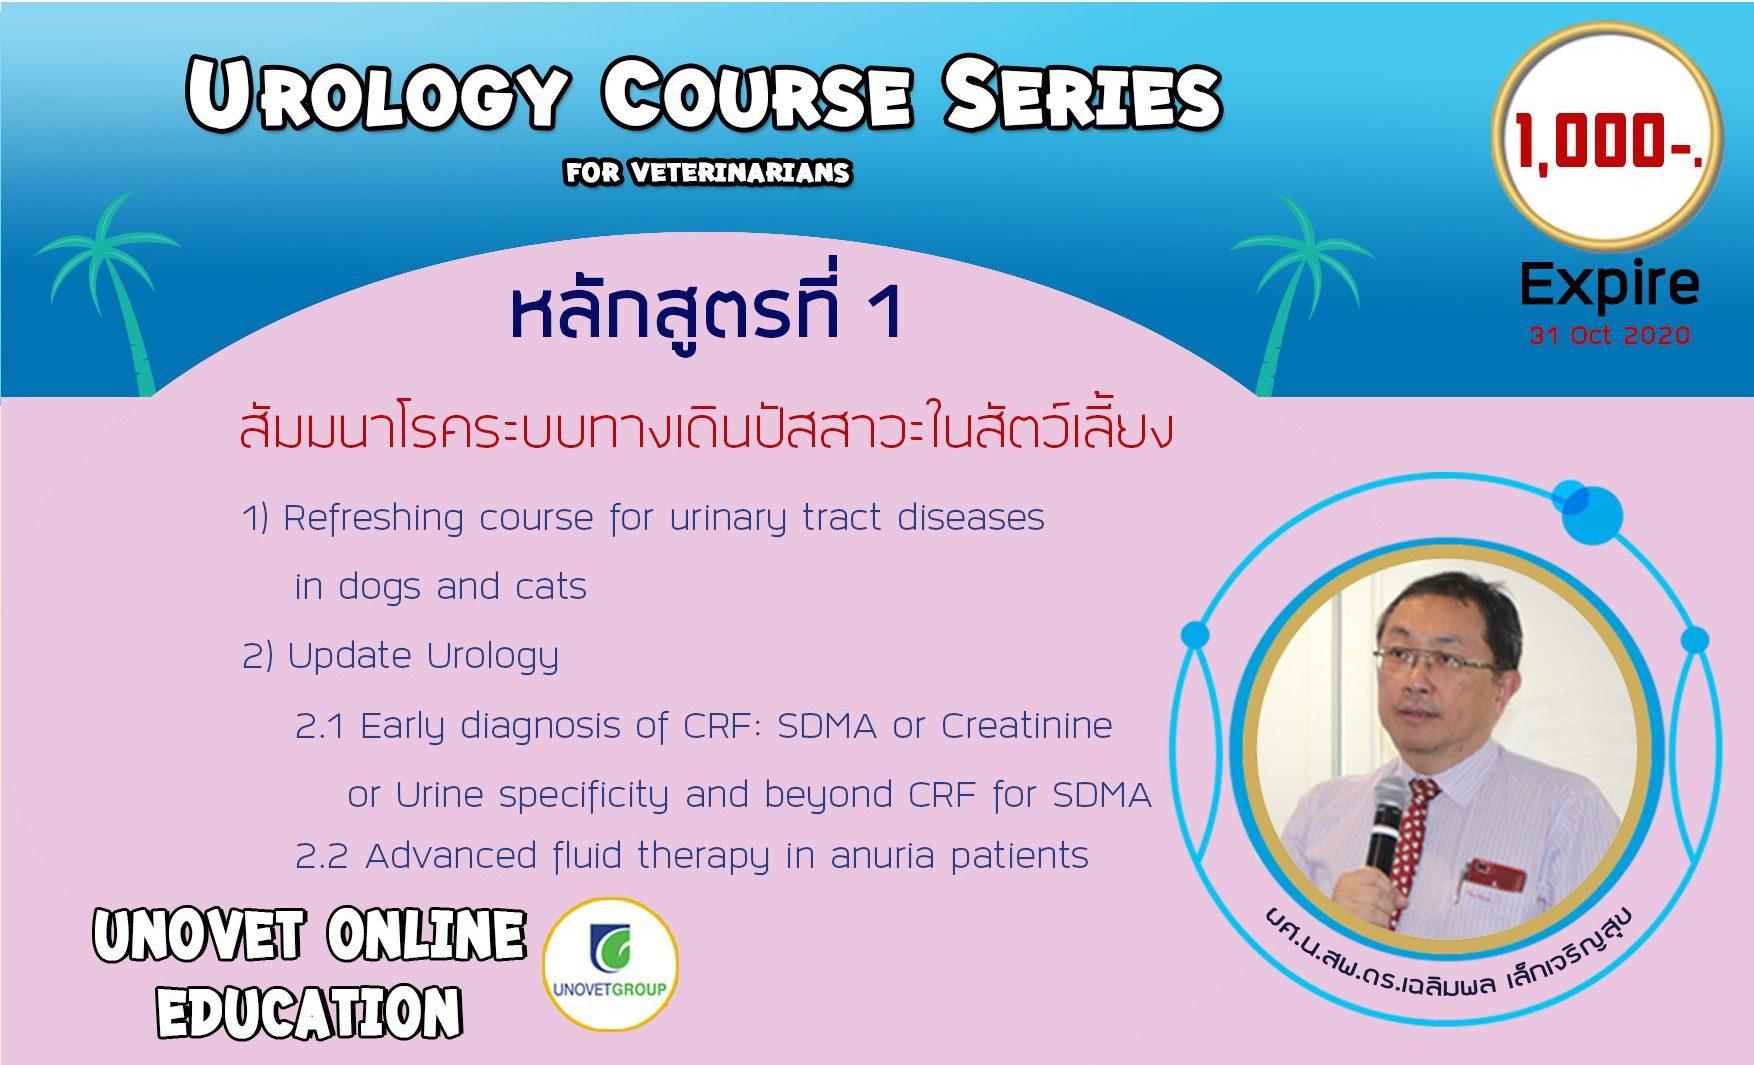 Urology course series (UN)